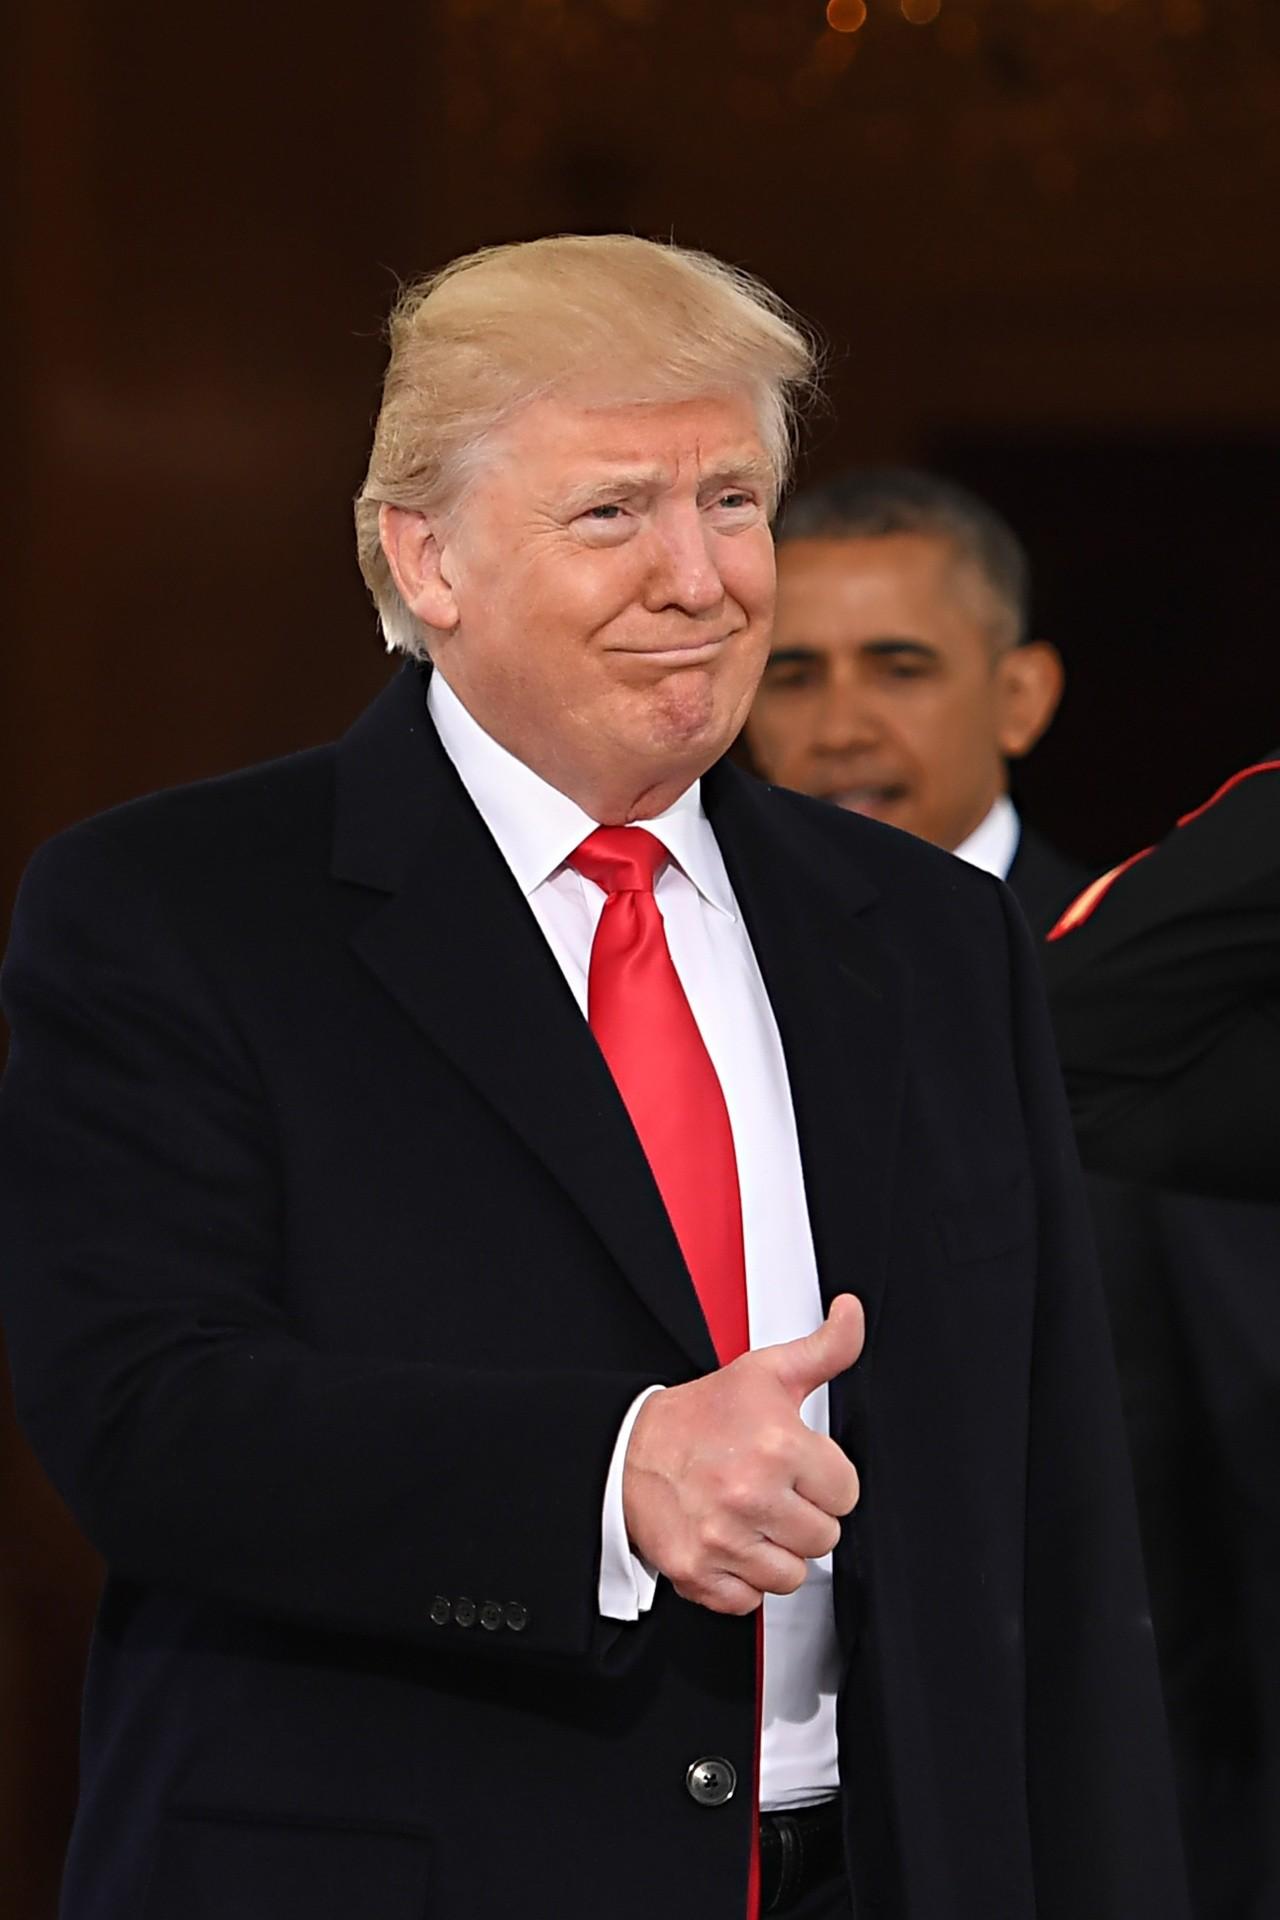 """bcde84974c1a6 Już podczas inauguracyjnego przemówienia polityk obiecał """"zjednoczyć  cywilizowany świat przeciwko radykalnym islamskim terrorystom i całkowicie  wyeliminować ..."""